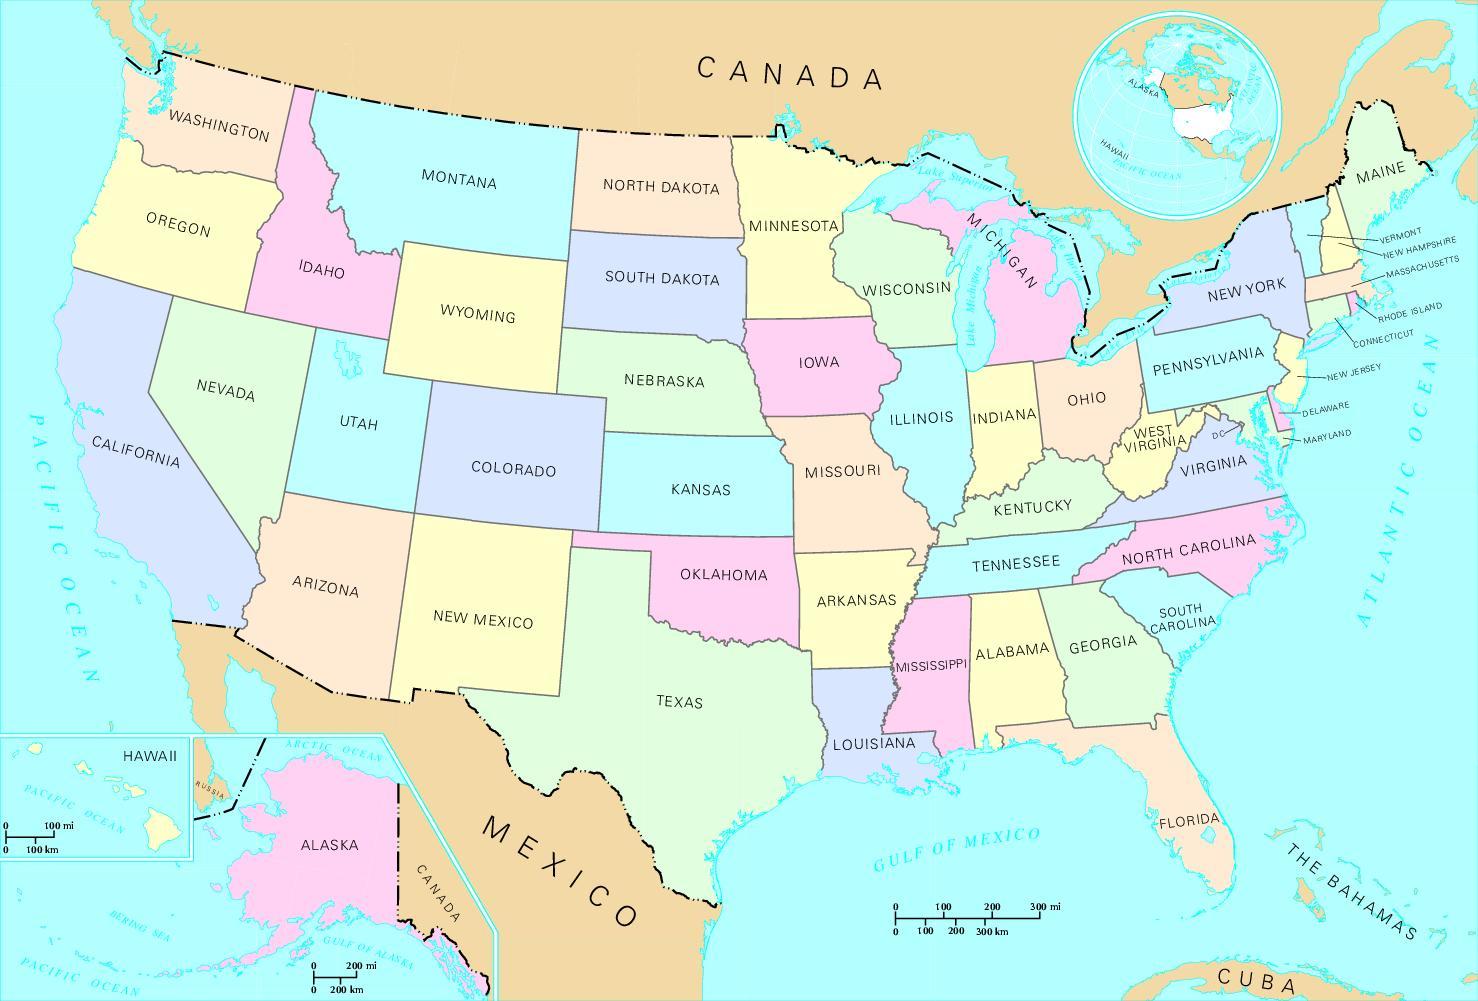 Reisen Alle 50 Bundesstaaten Karte 50 Staaten Reise Karte